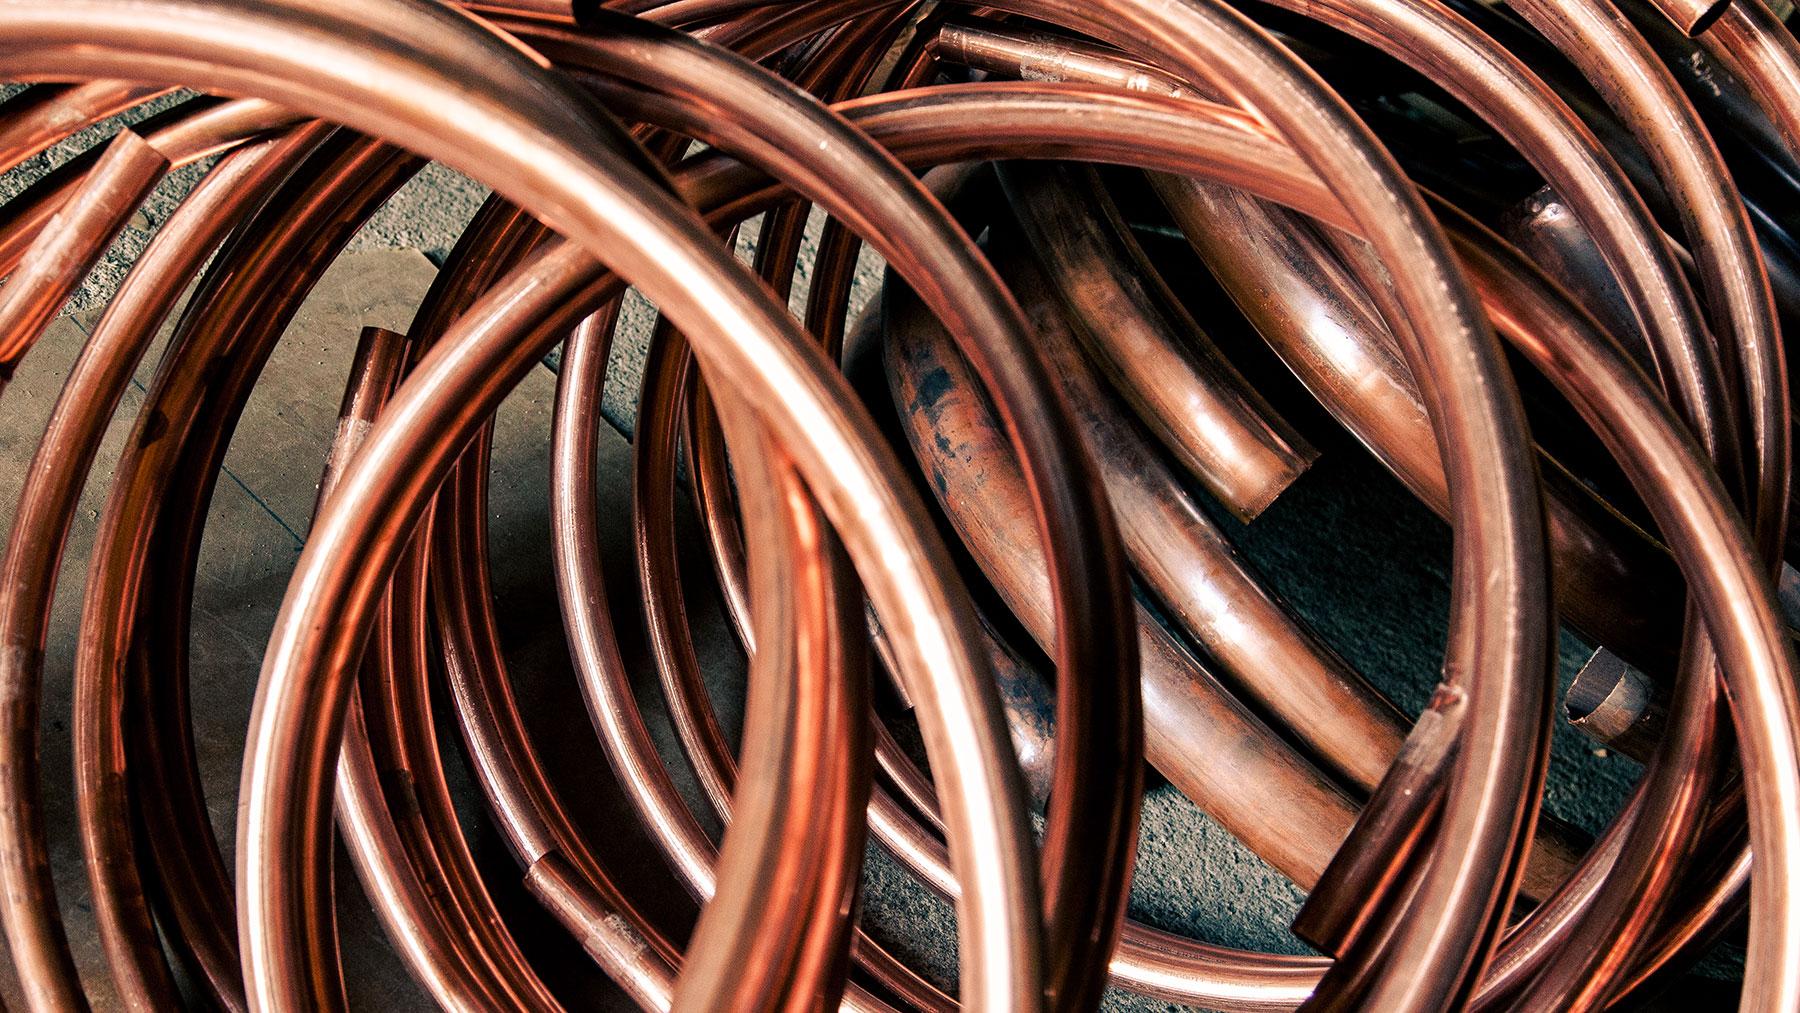 matière première, le cuivre